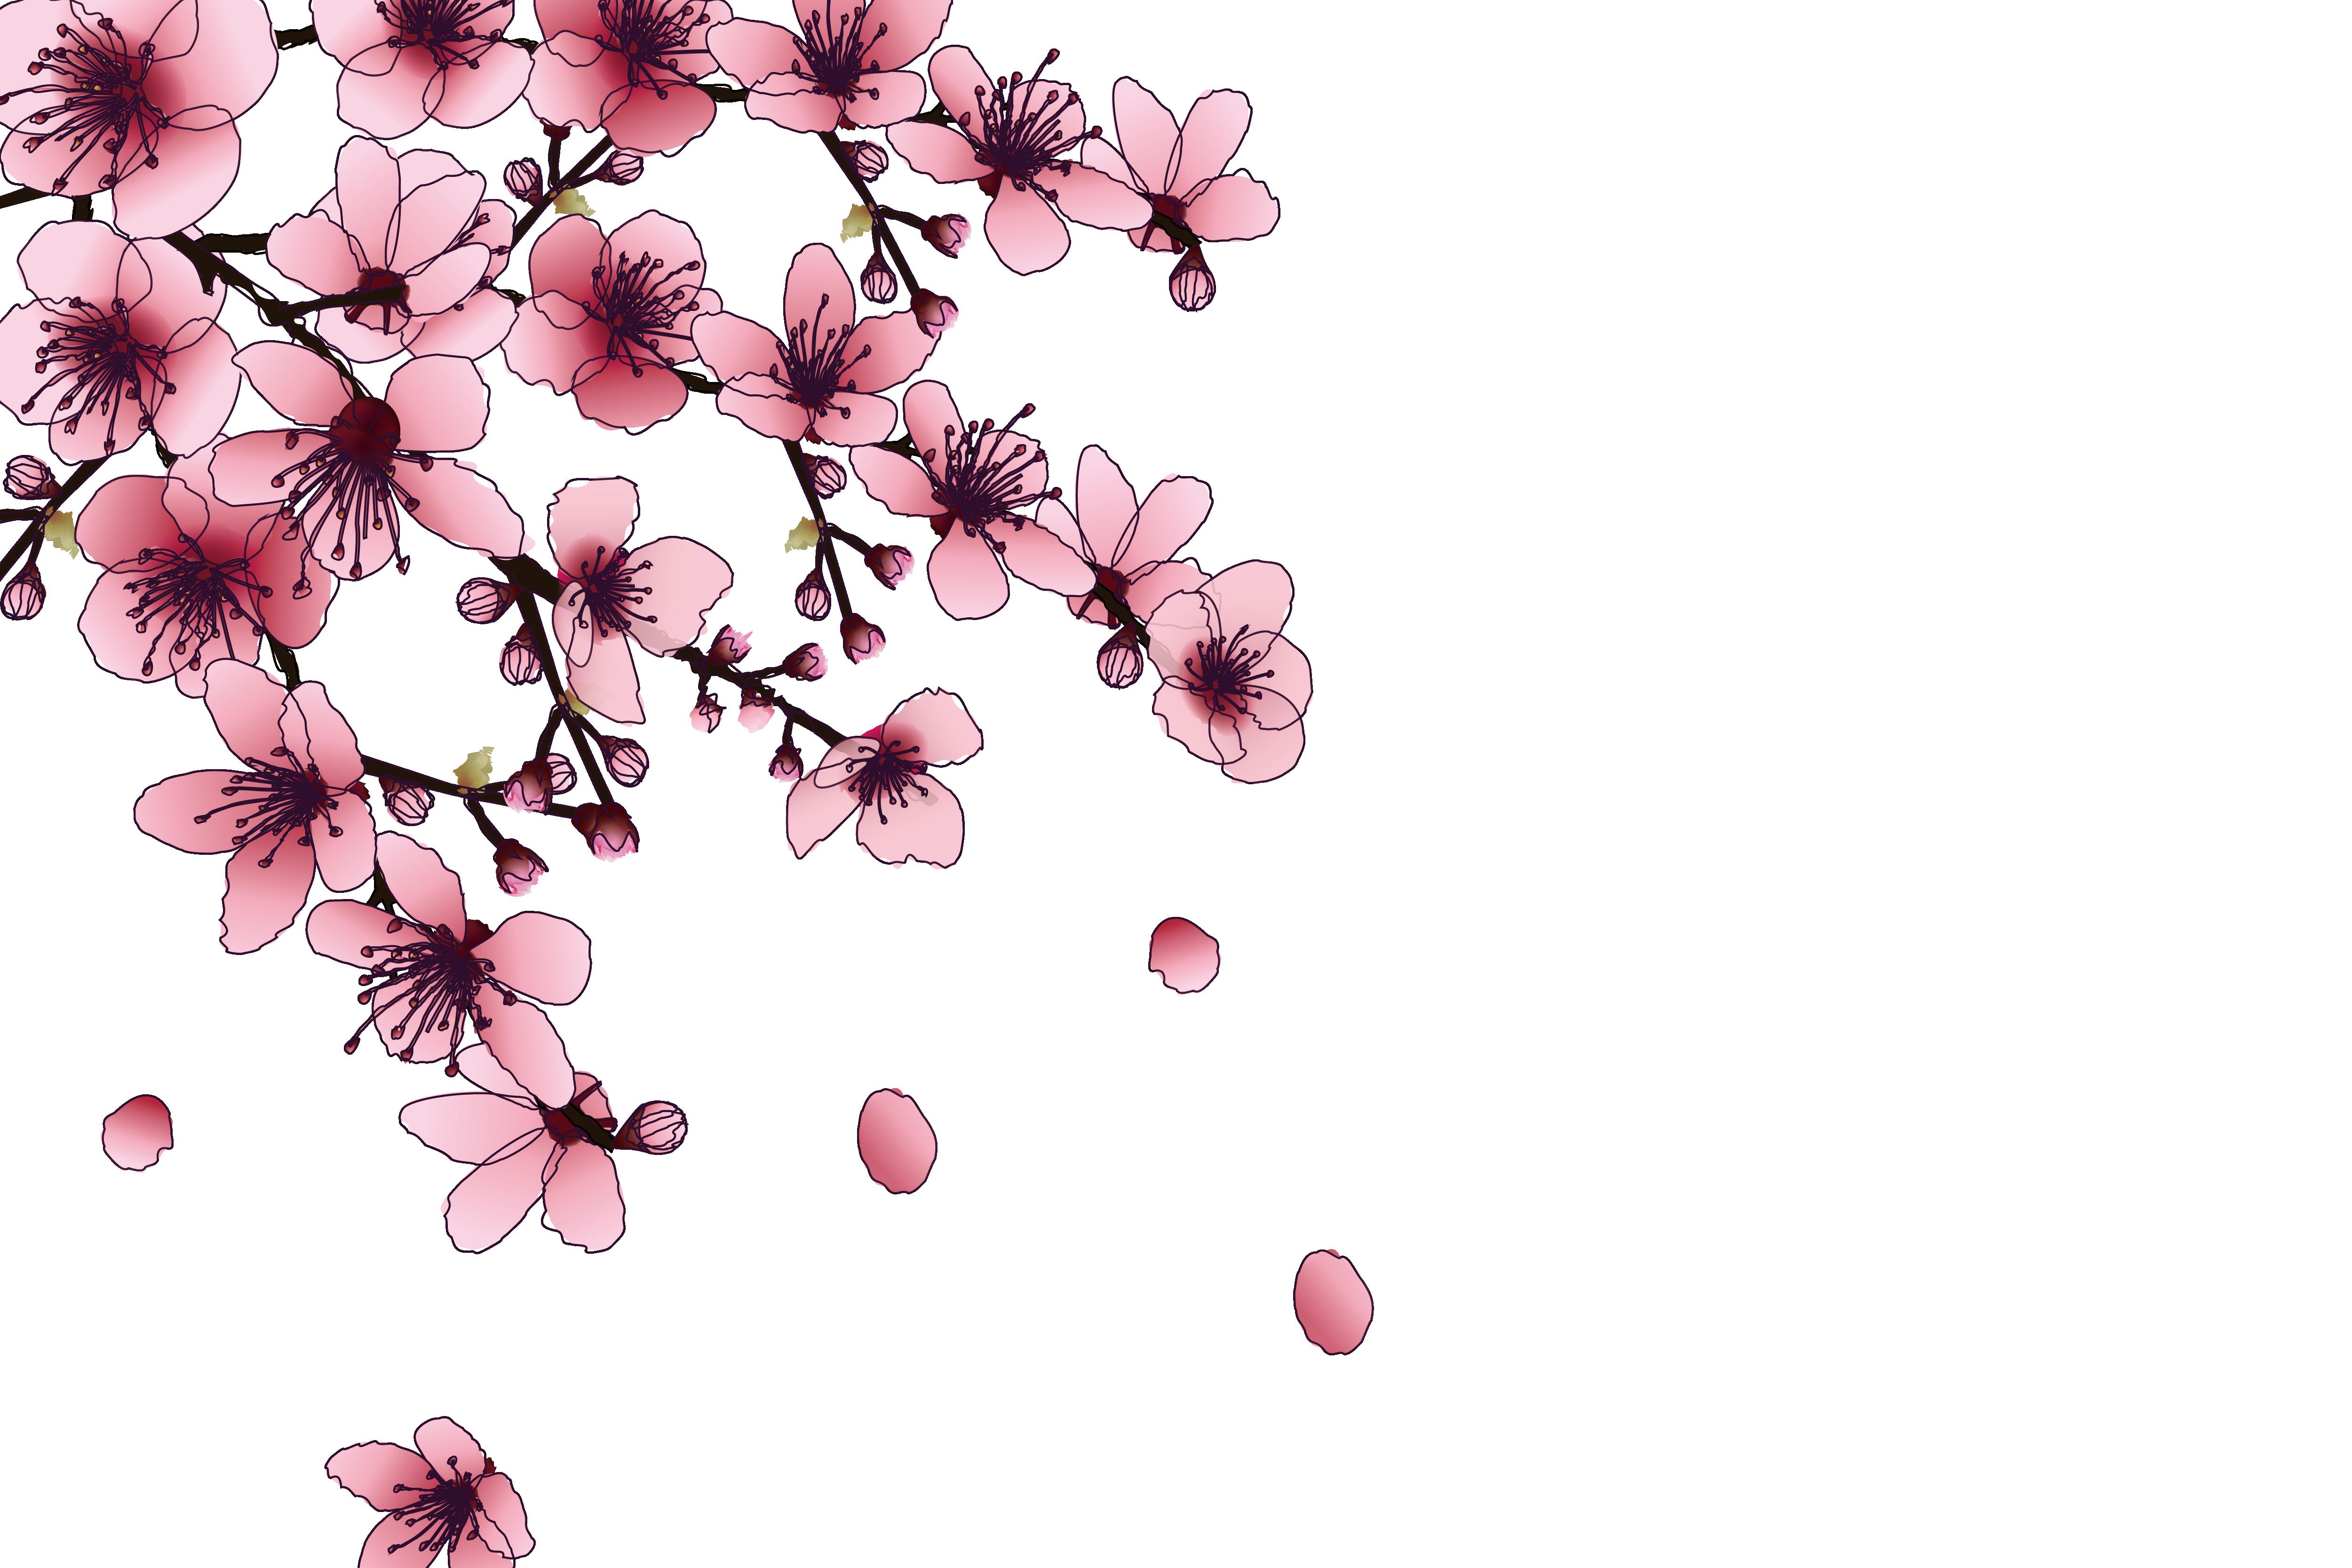 Hình ảnh hoa đào tách nền miễn phí 5